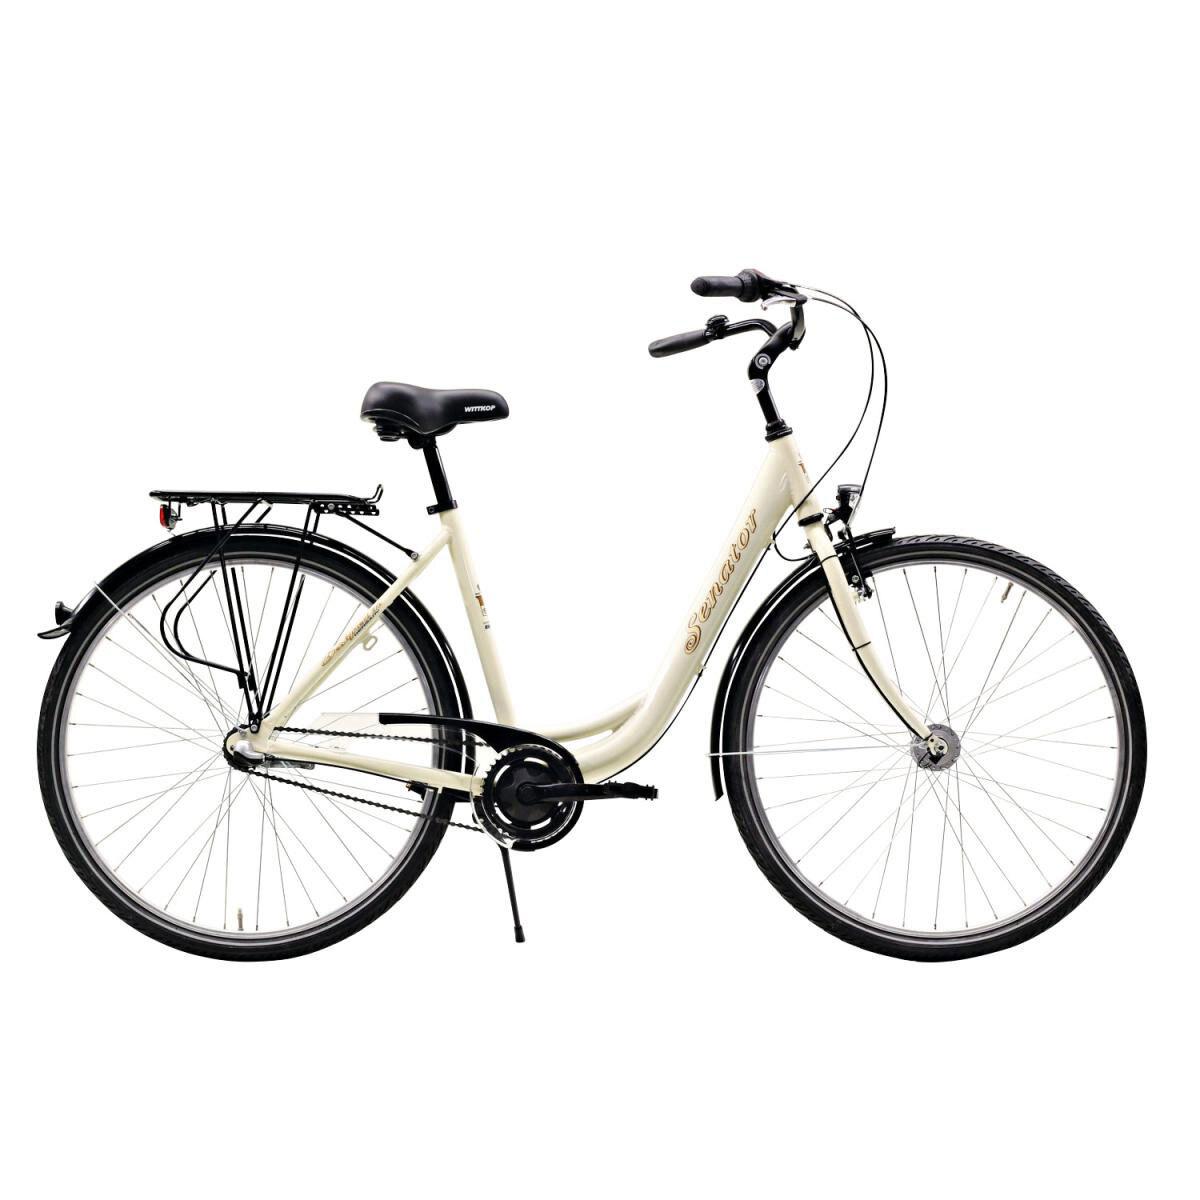 Bild 1 von Damen City-Fahrrad 28